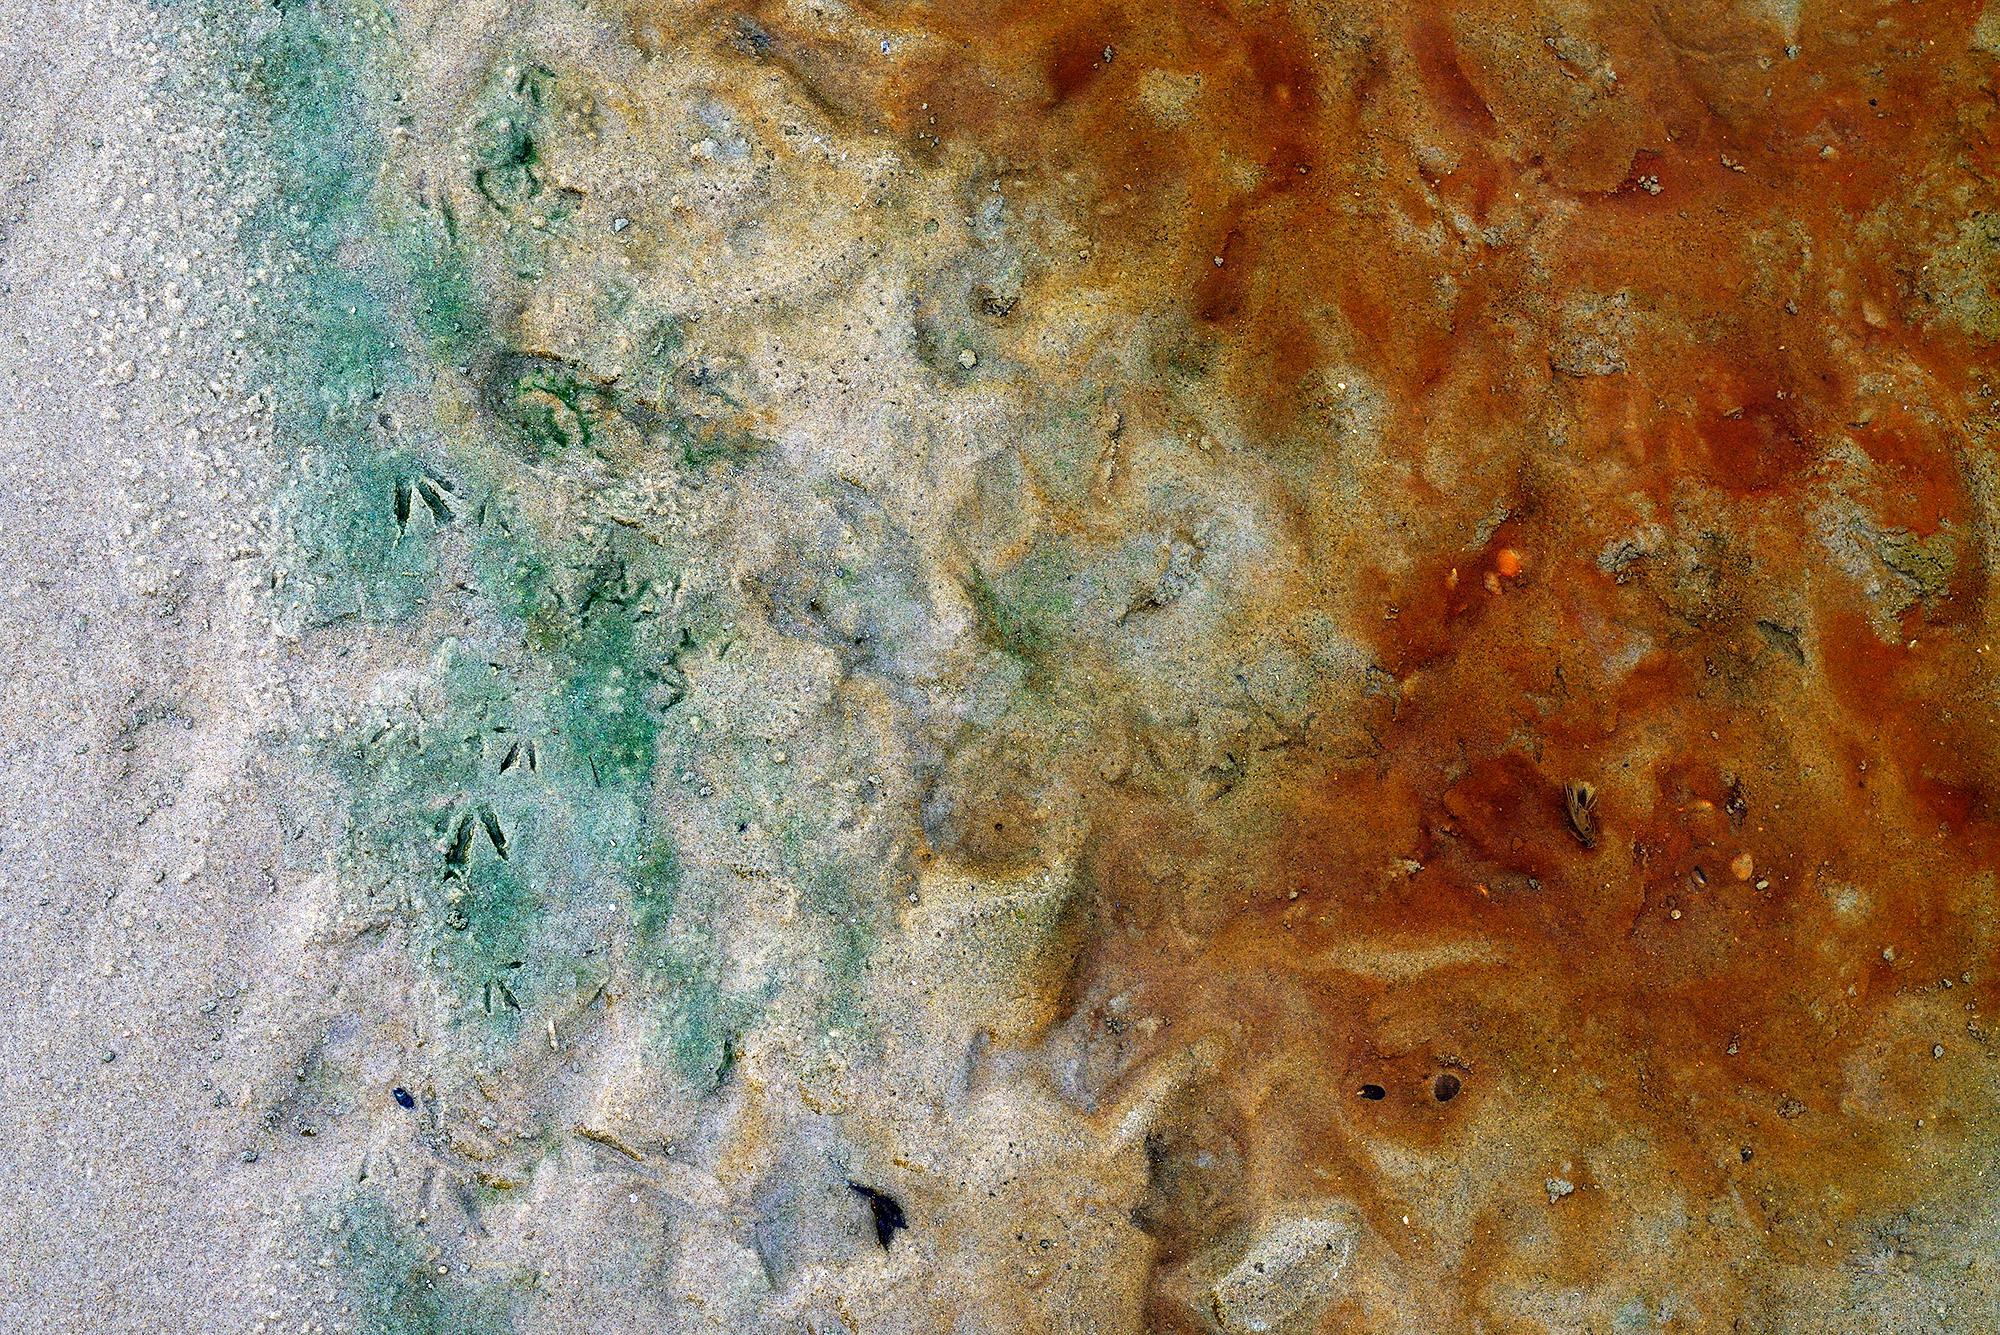 Roestkleurig water van kwel in een zwin aan de voet van de duinen op het strand van Hargen aan Zee